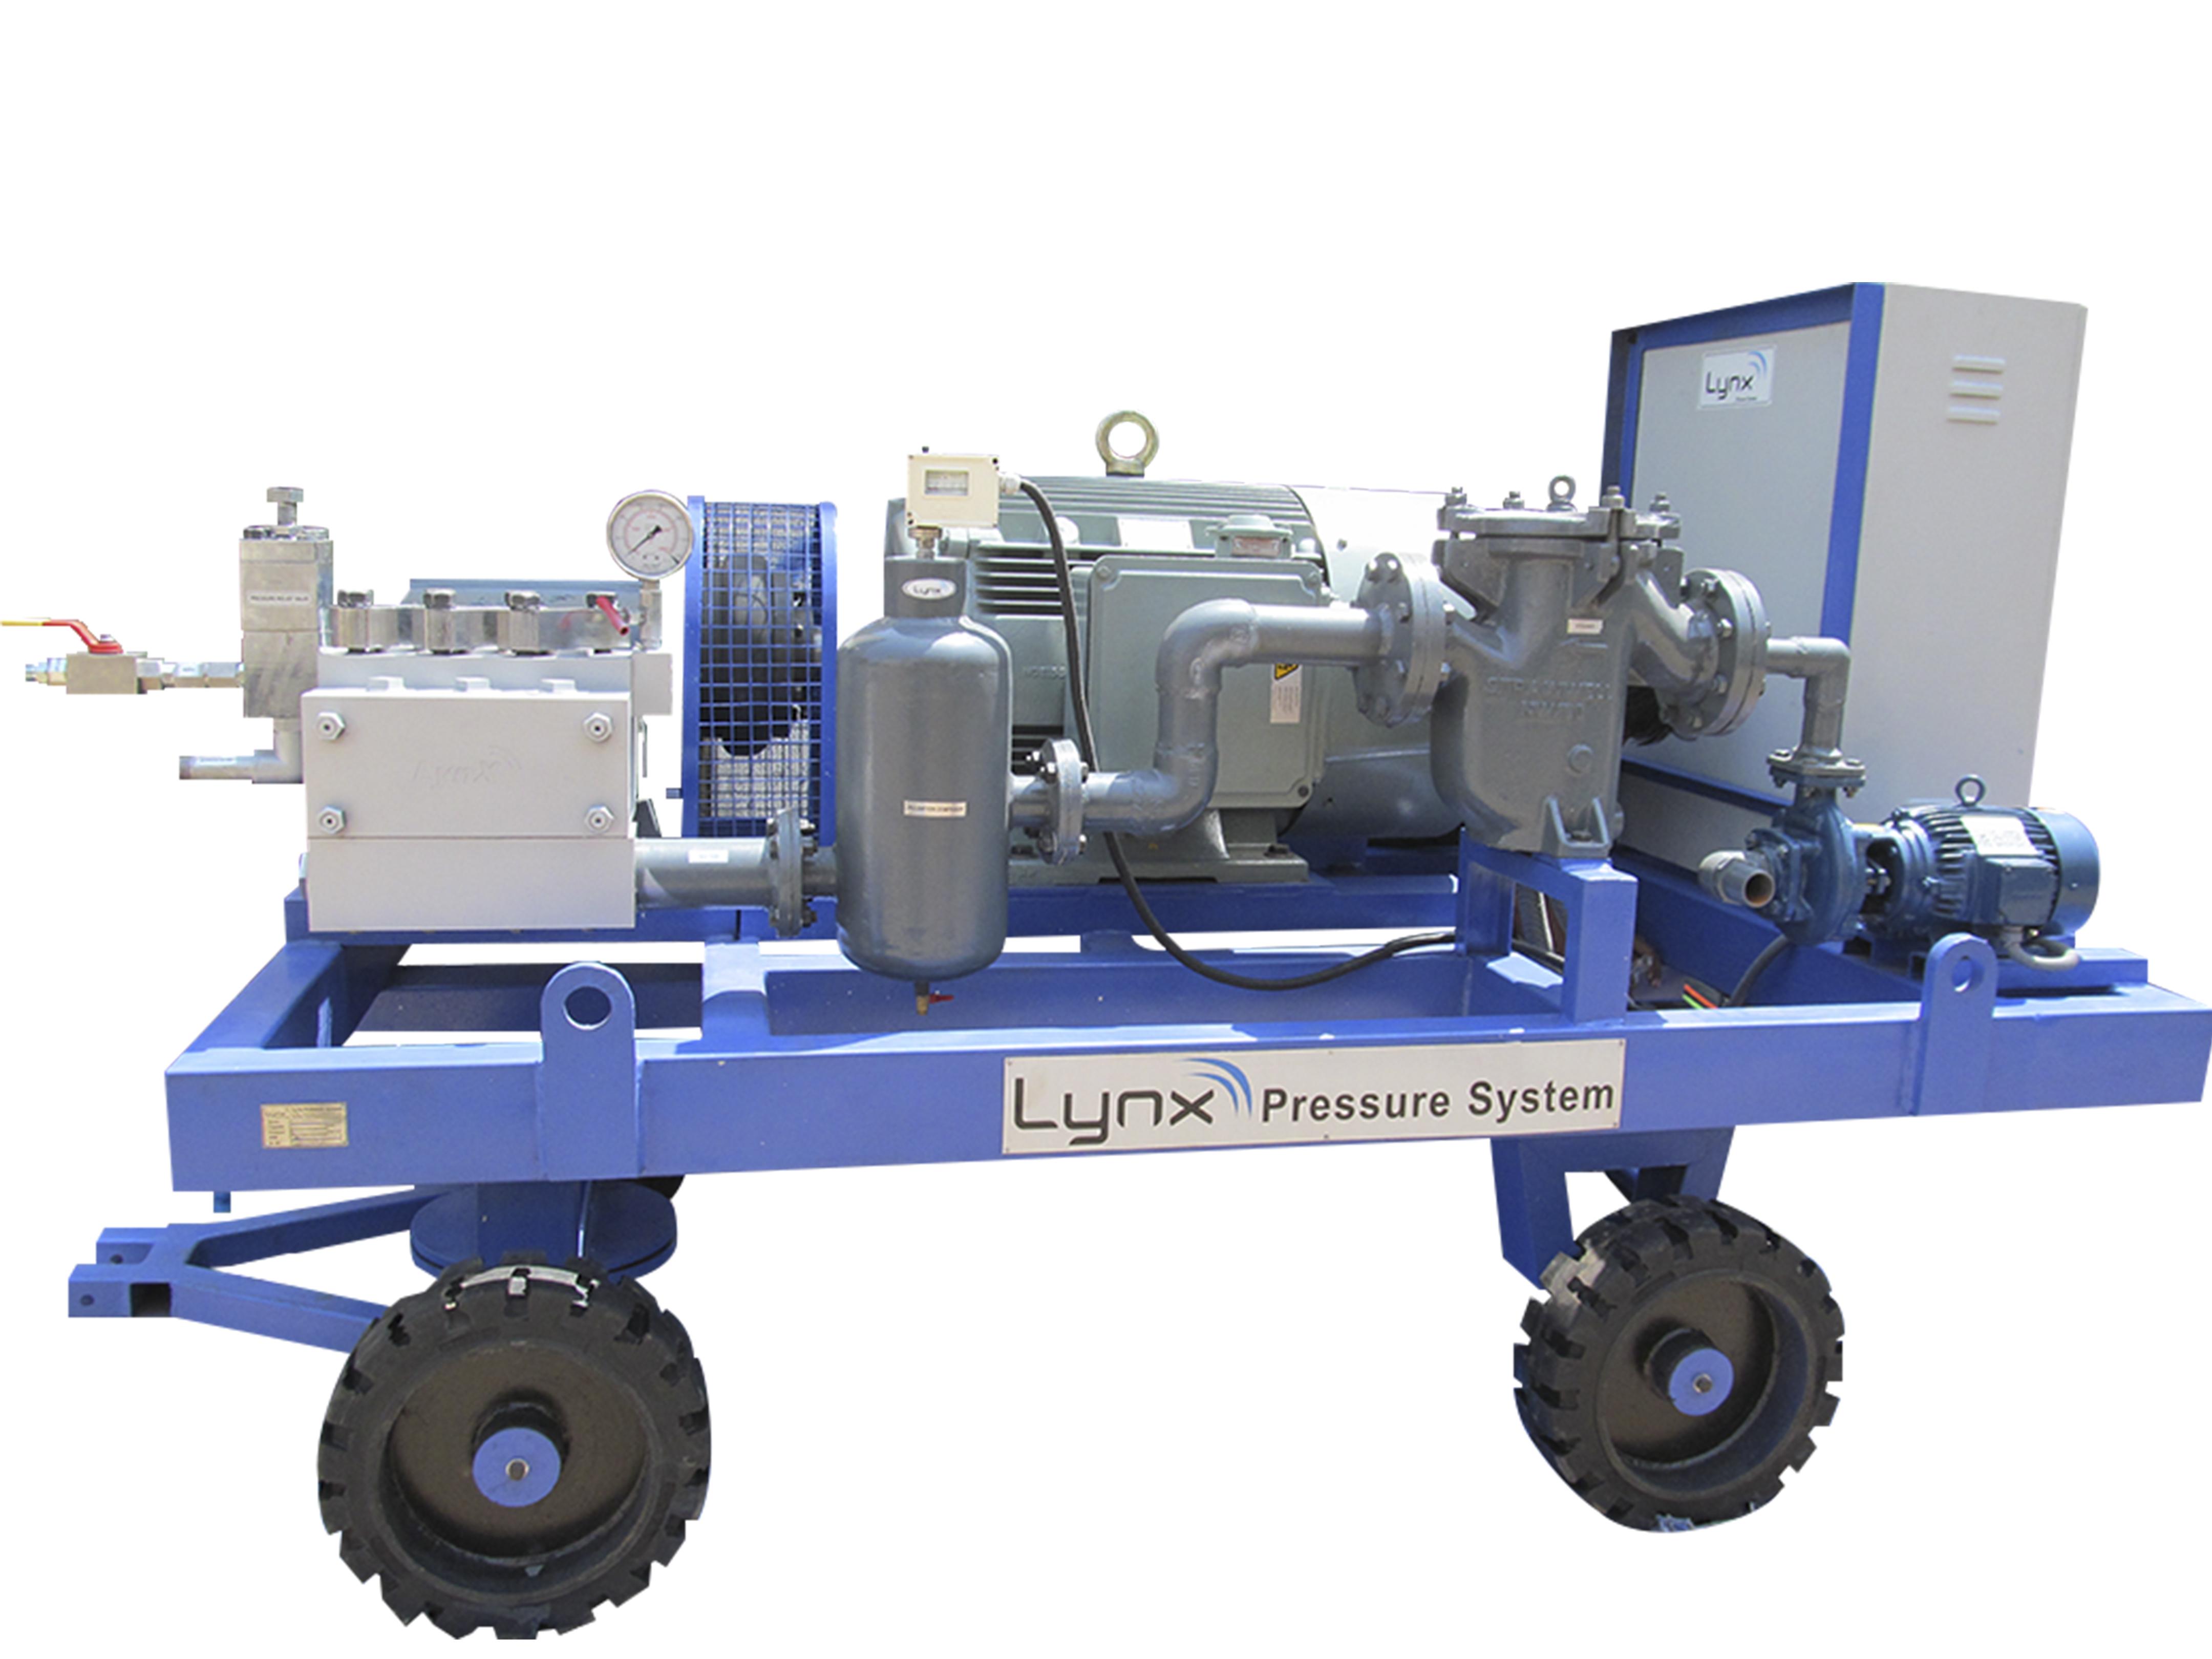 High Pressure Blasting Machines